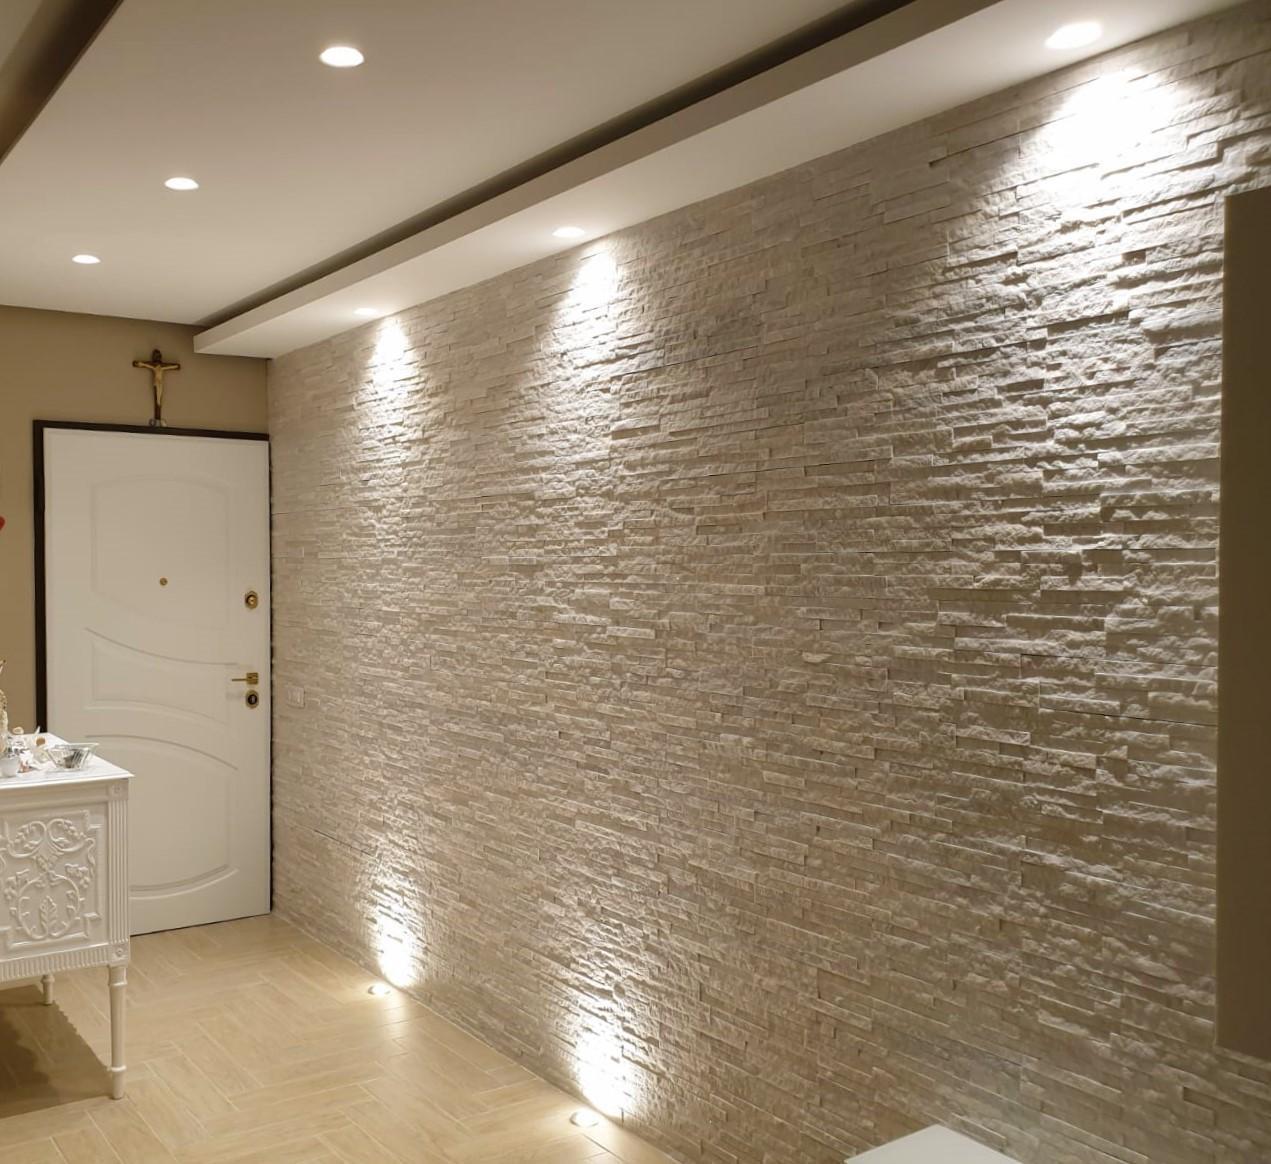 Pietre Bianca Per Interni rivestimenti per interni - tutte le categorie - altavilla